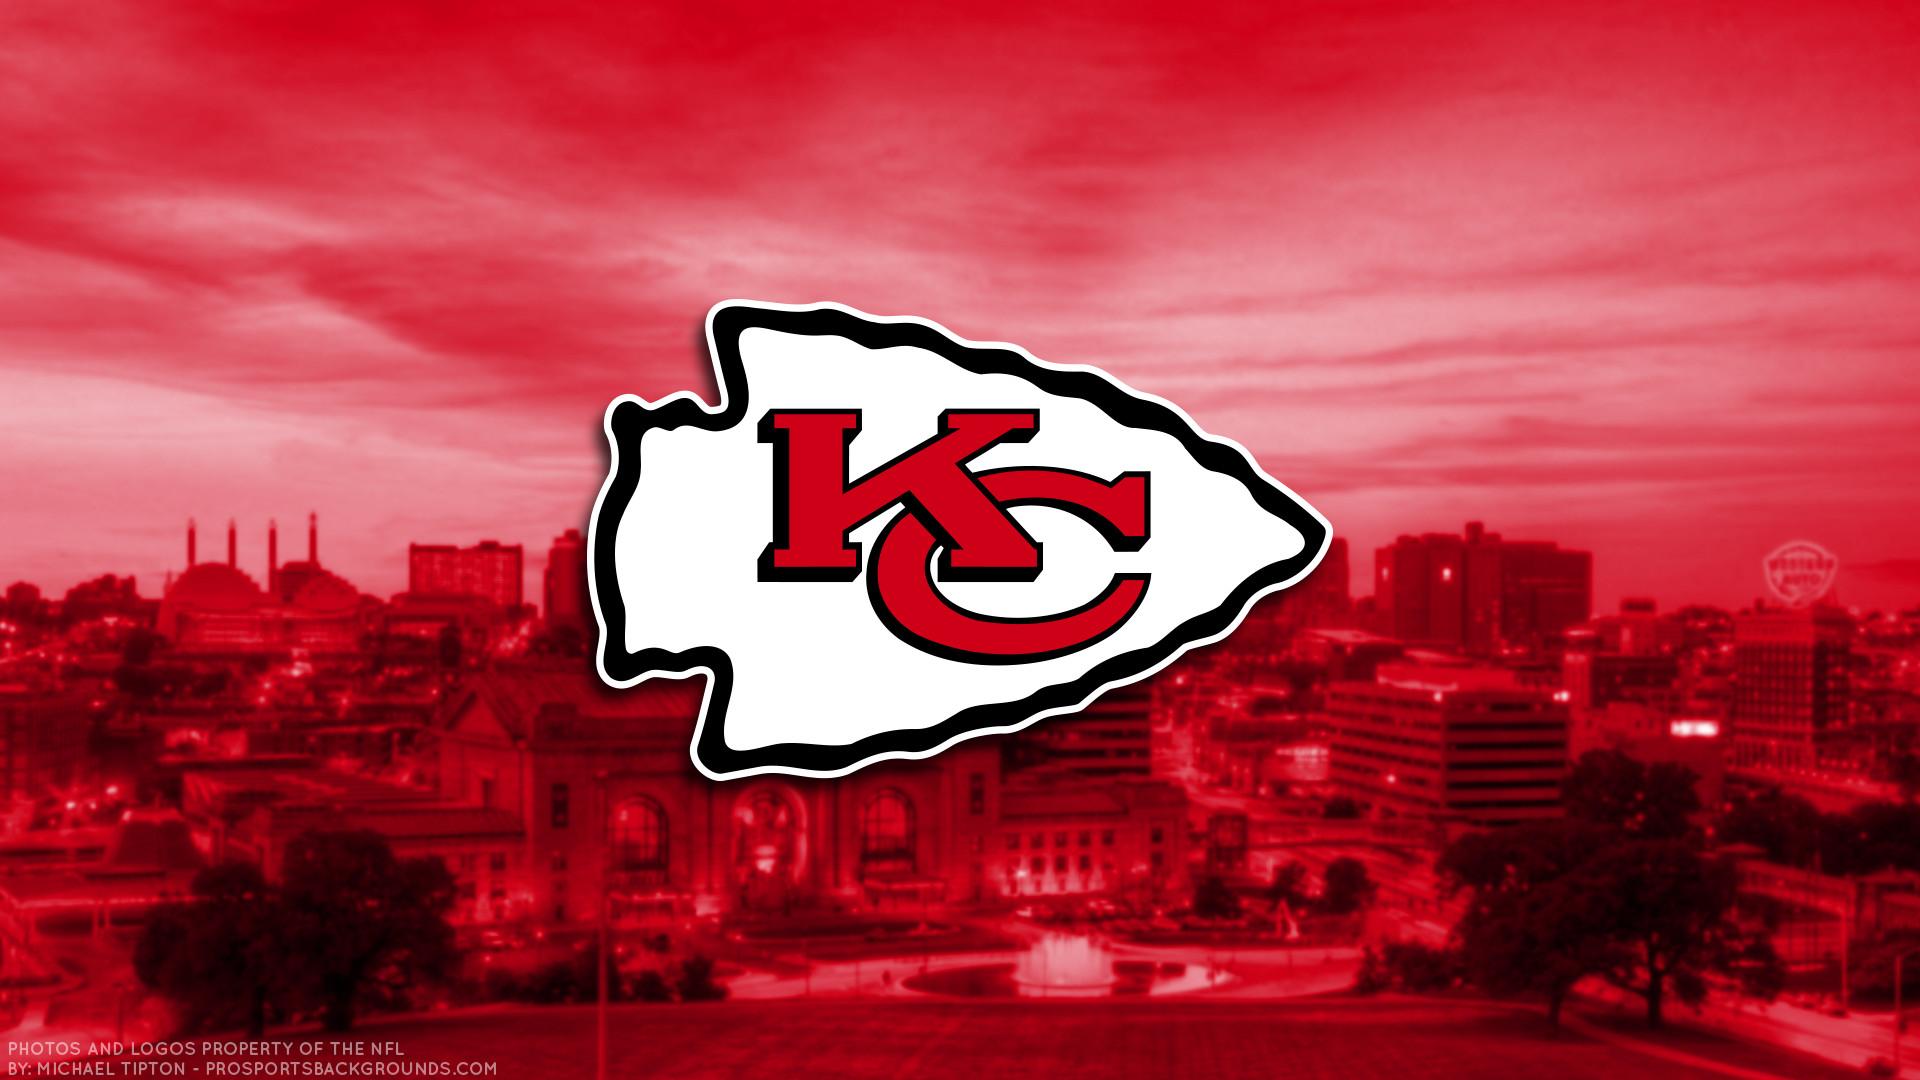 … Kansas City Chiefs 2017 football logo wallpaper pc desktop computer …